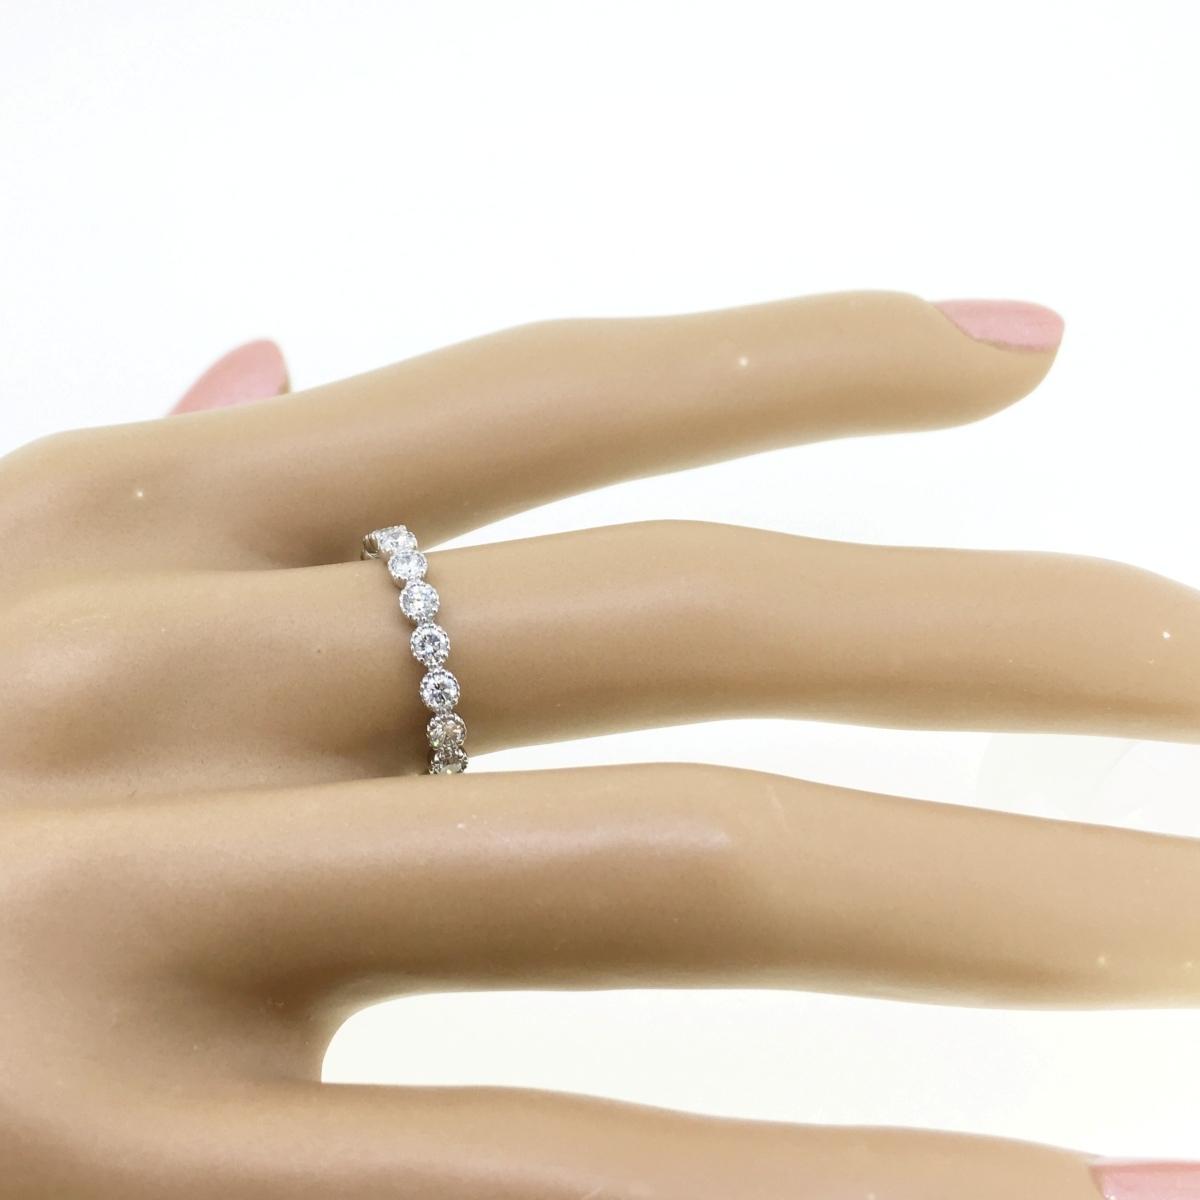 【size8号】ハード プラチナ pt900 天然diamond 0.53ct H&C 3/4 エタニティ リング【鑑別書付】_画像8